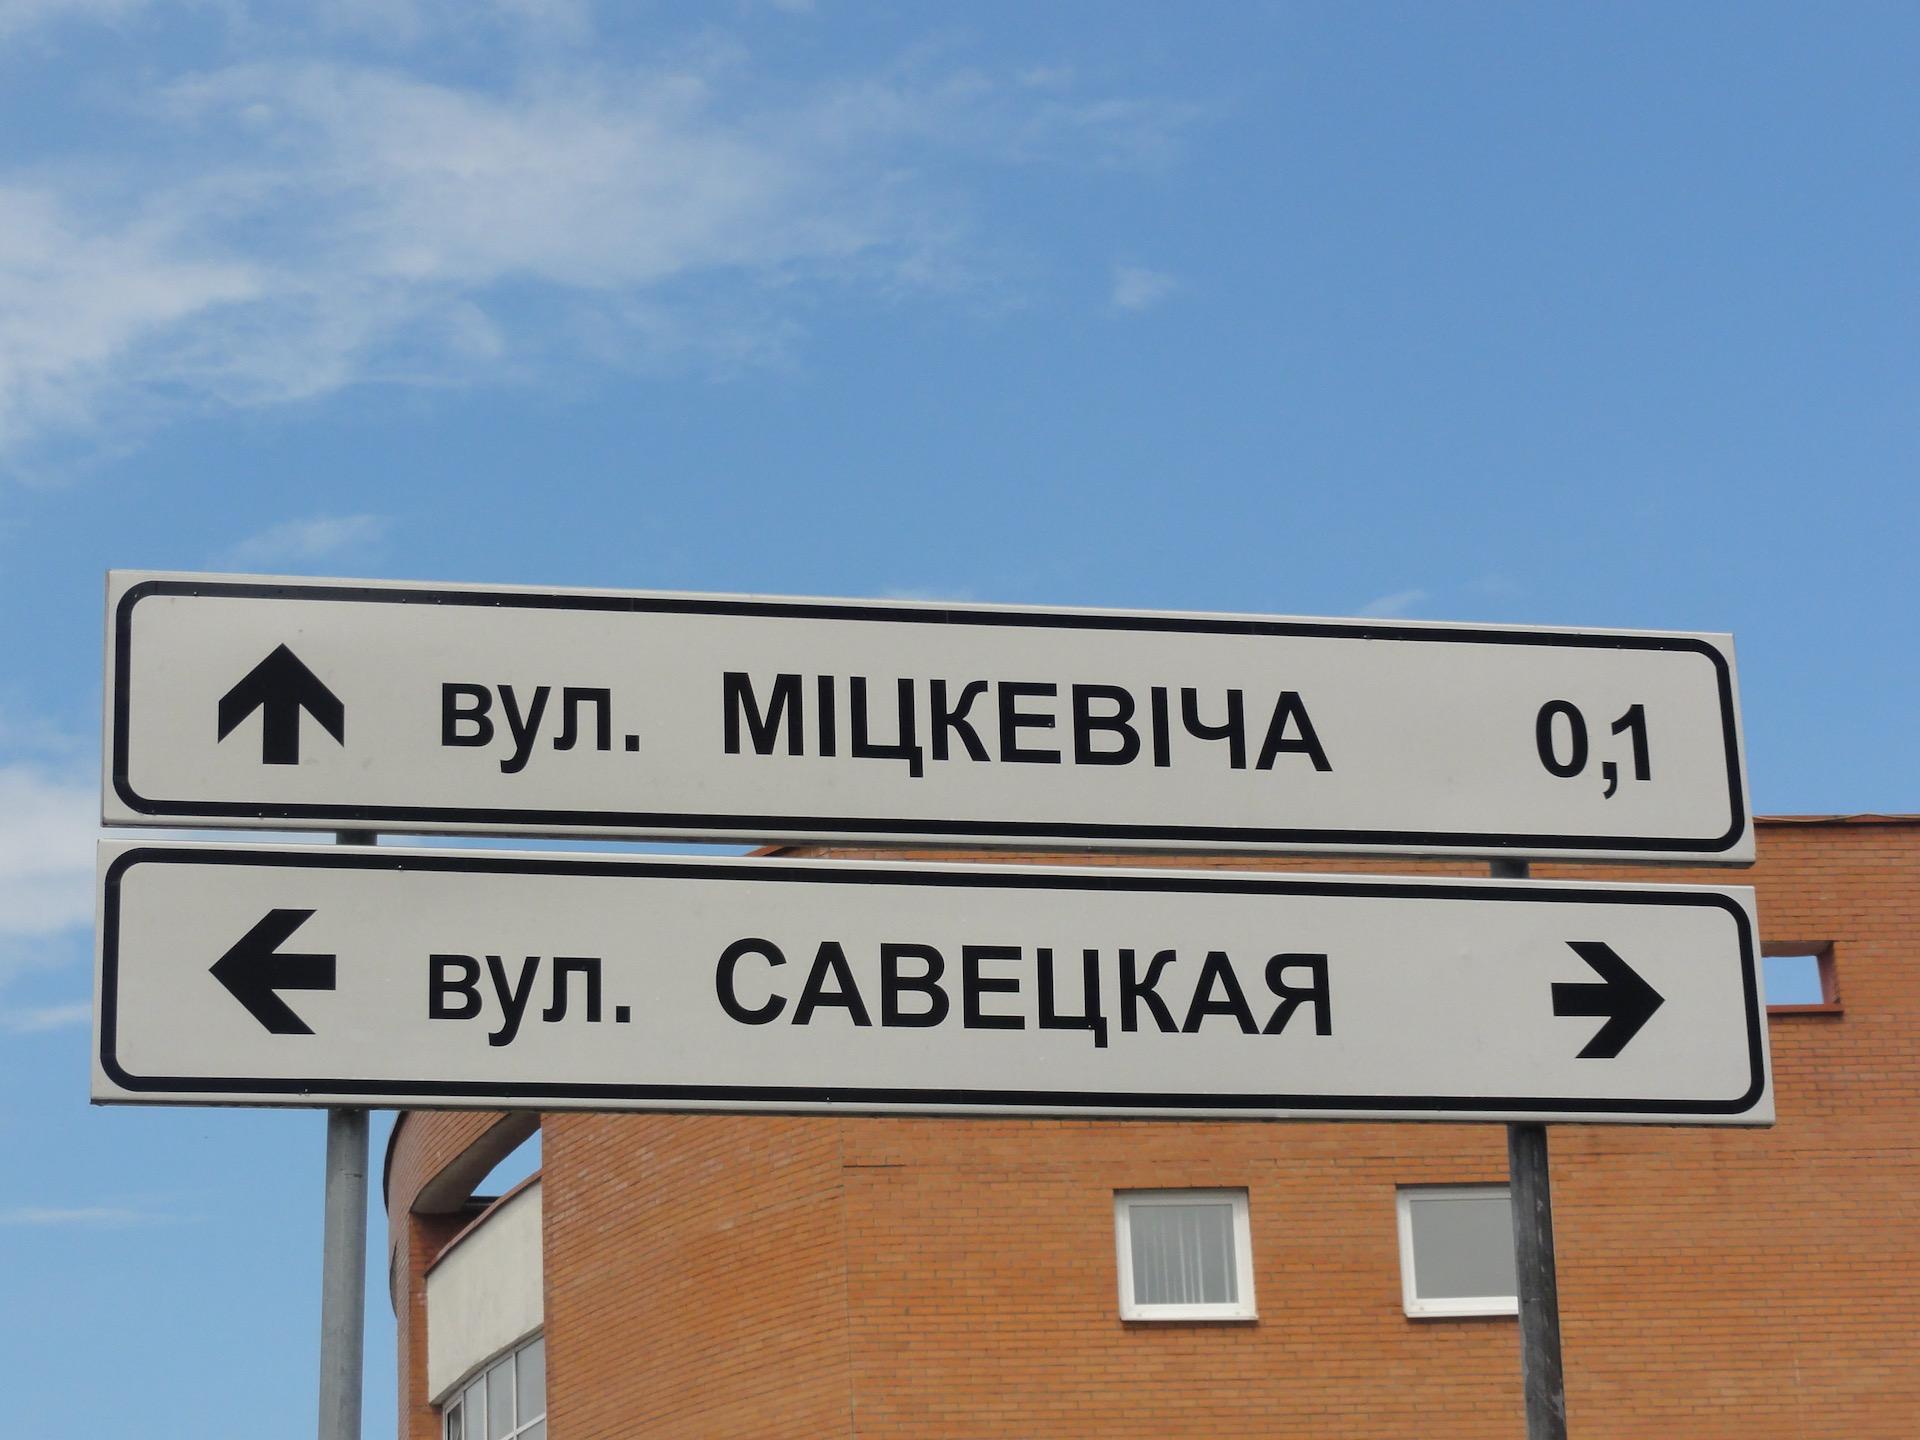 Nazwy ulic na Białorusi